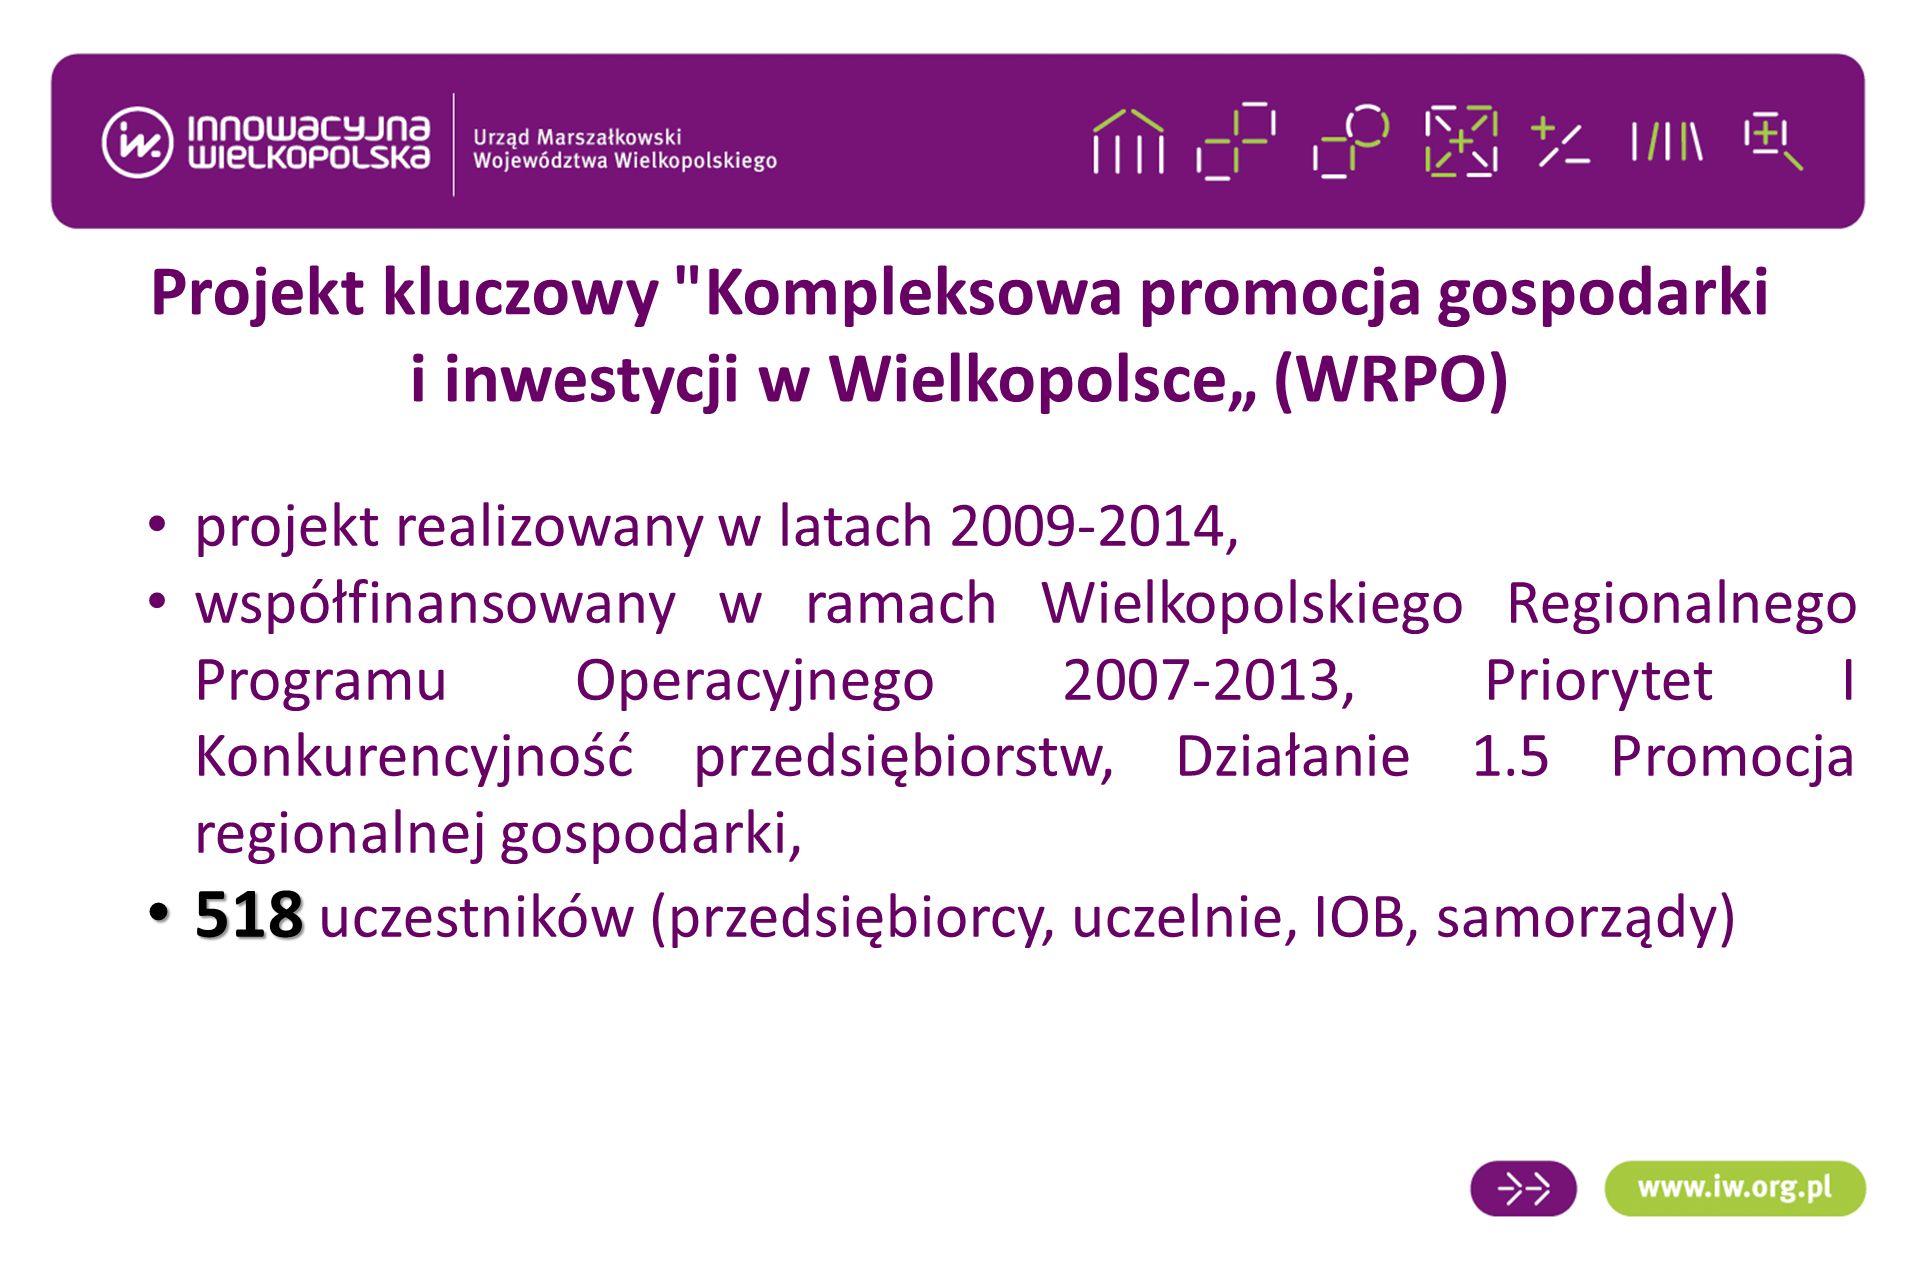 """Projekt kluczowy Kompleksowa promocja gospodarki i inwestycji w Wielkopolsce"""" (WRPO) projekt realizowany w latach 2009-2014, współfinansowany w ramach Wielkopolskiego Regionalnego Programu Operacyjnego 2007-2013, Priorytet I Konkurencyjność przedsiębiorstw, Działanie 1.5 Promocja regionalnej gospodarki, 518 518 uczestników (przedsiębiorcy, uczelnie, IOB, samorządy)"""